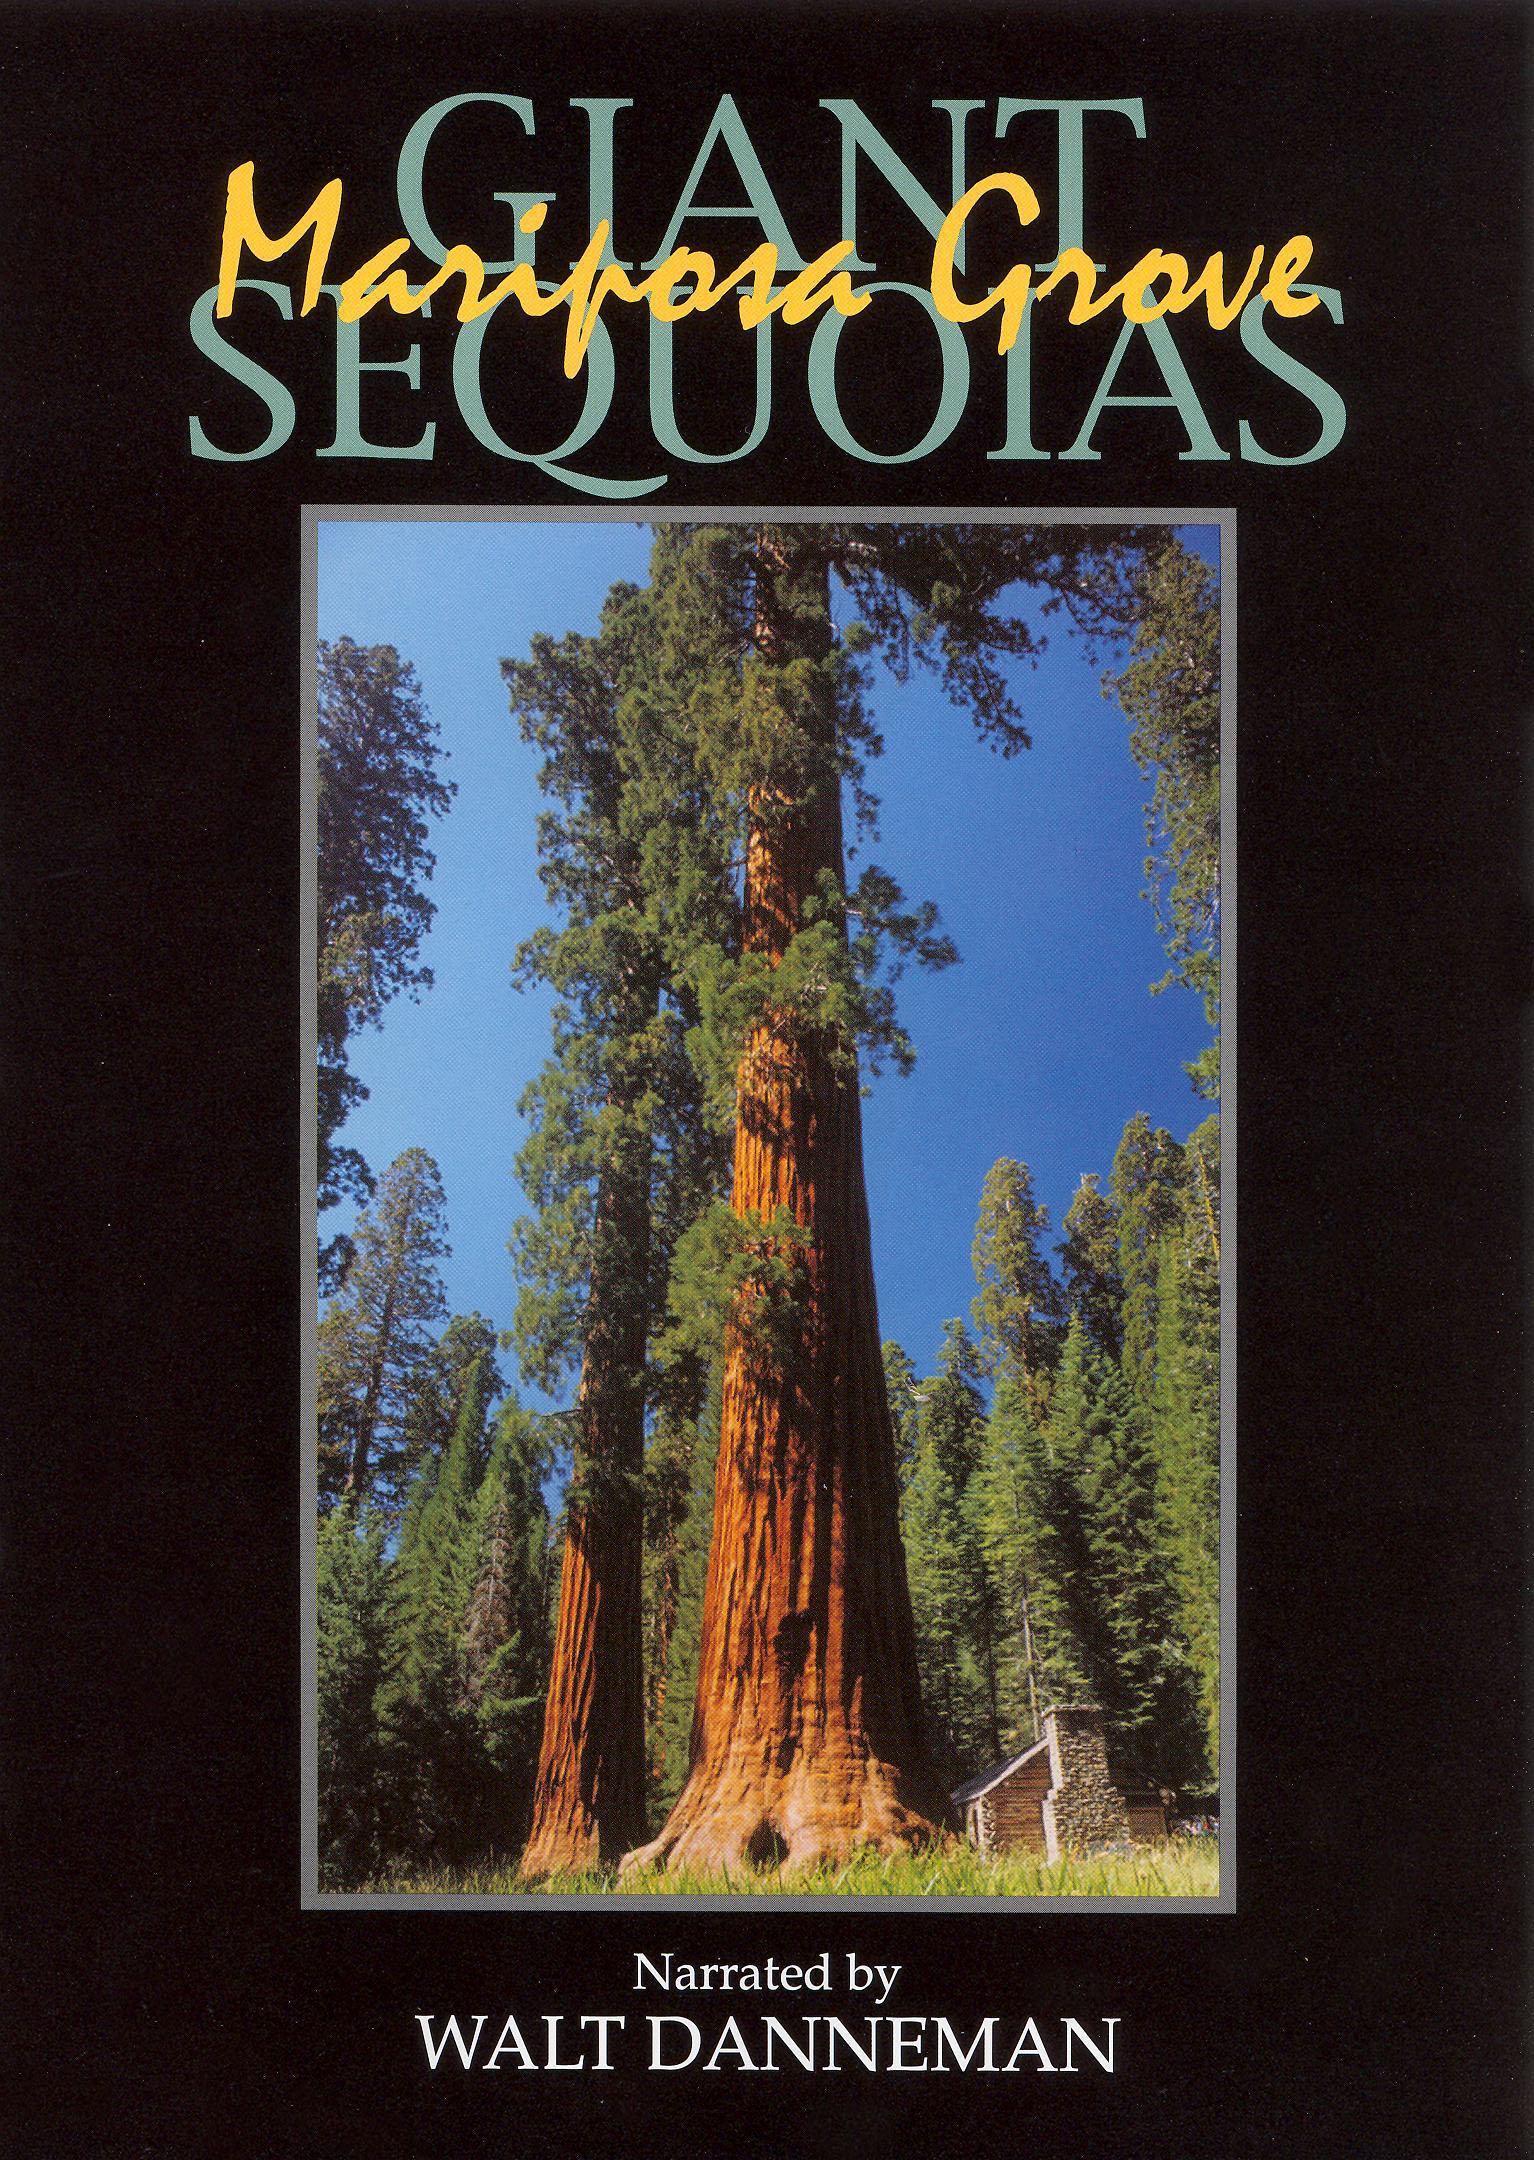 Giant Sequoias: Mariposa Grove